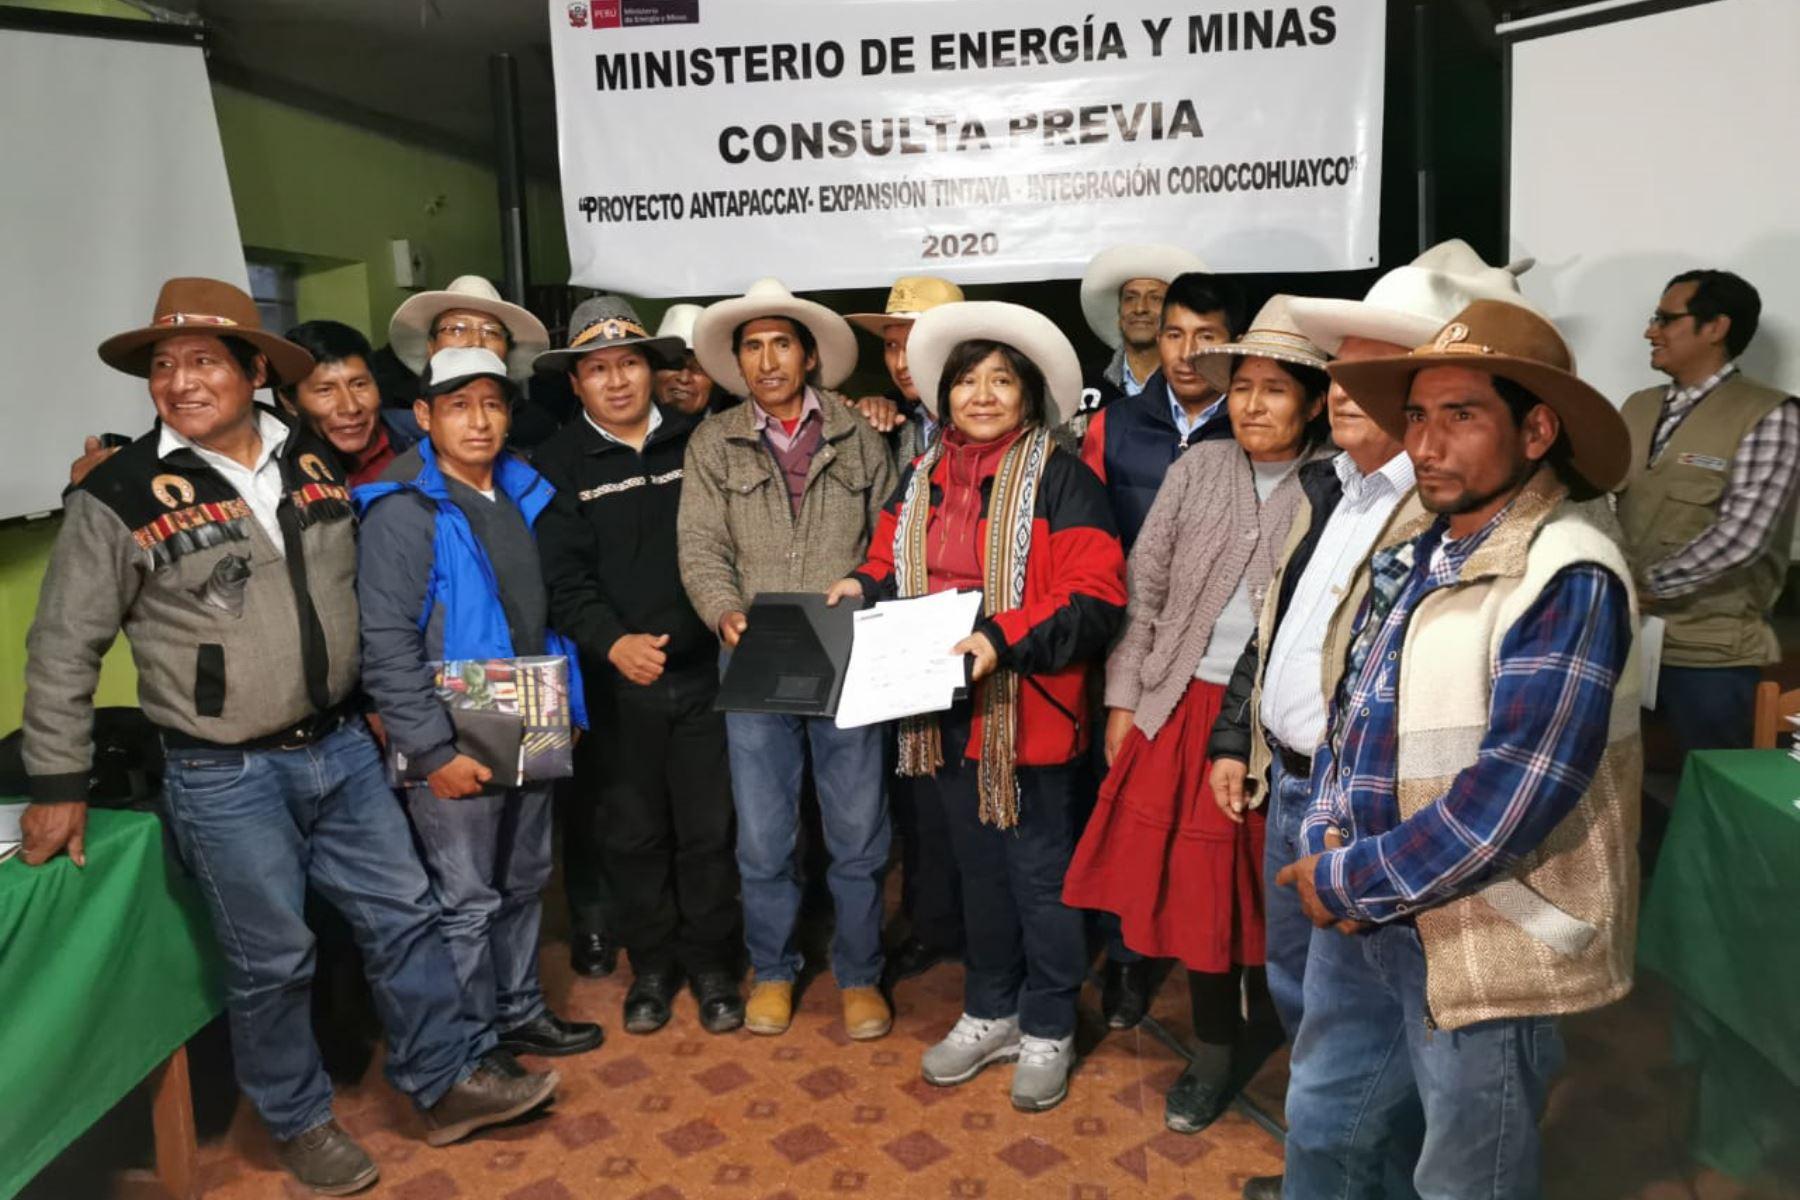 Ministerio de Energía y Minas entrega plan de consulta previa a comunidades originarias de la provincia de Espinar, en Cusco. ANDINA/Difusión